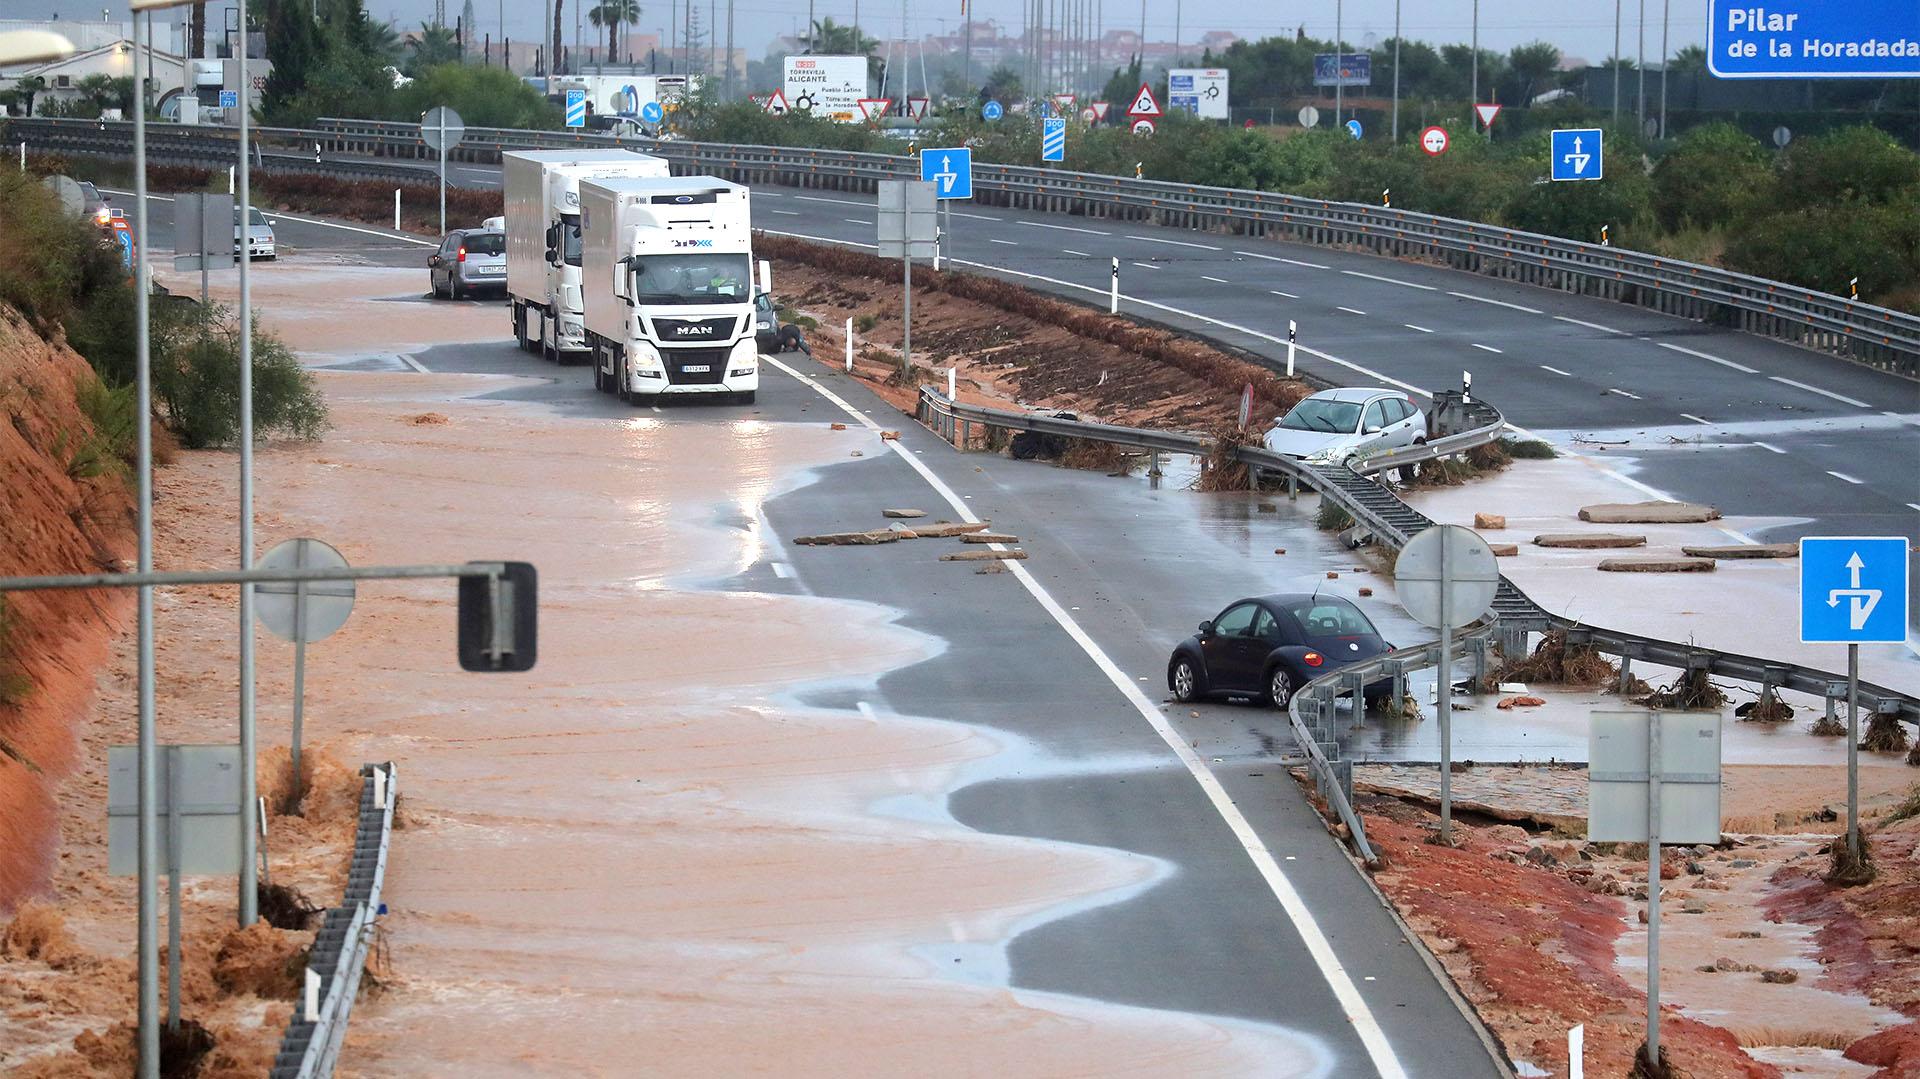 Vehículos varados en la autopista AP-7 tras las fuertes inundaciones en Pilar de la Horadada (REUTERS/Sergio Pérez)